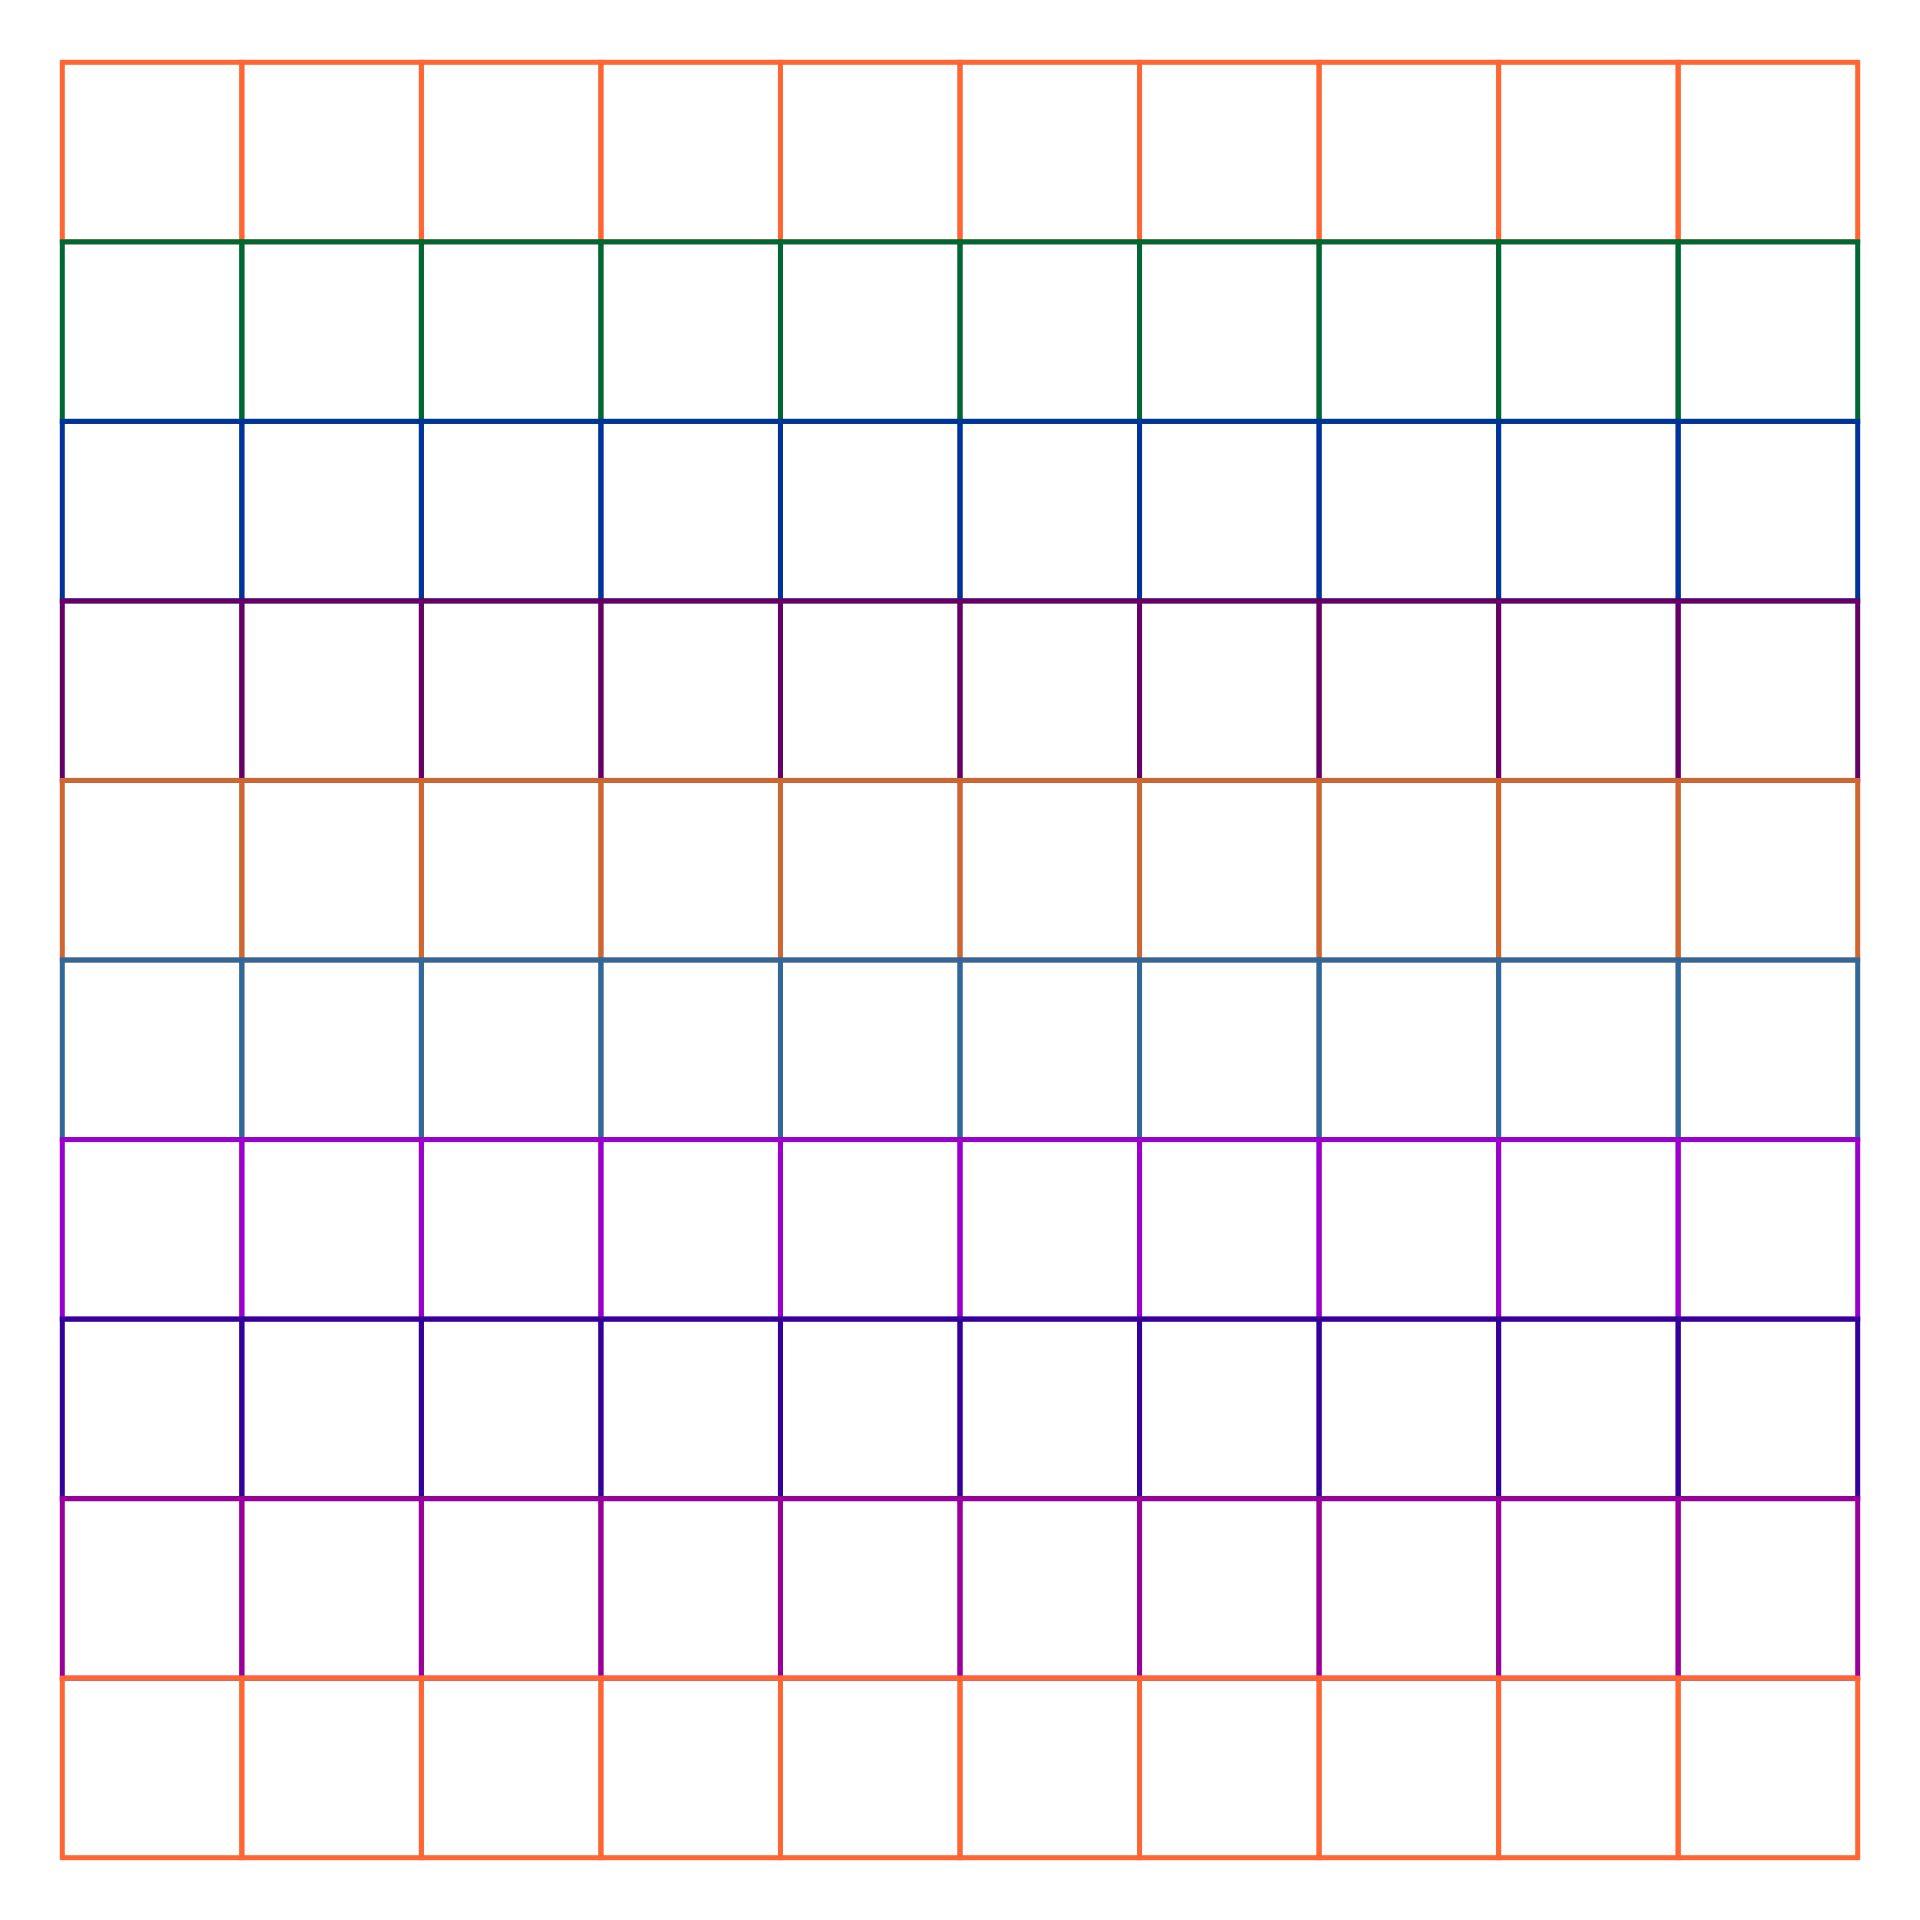 10x10 Square Grid Printable